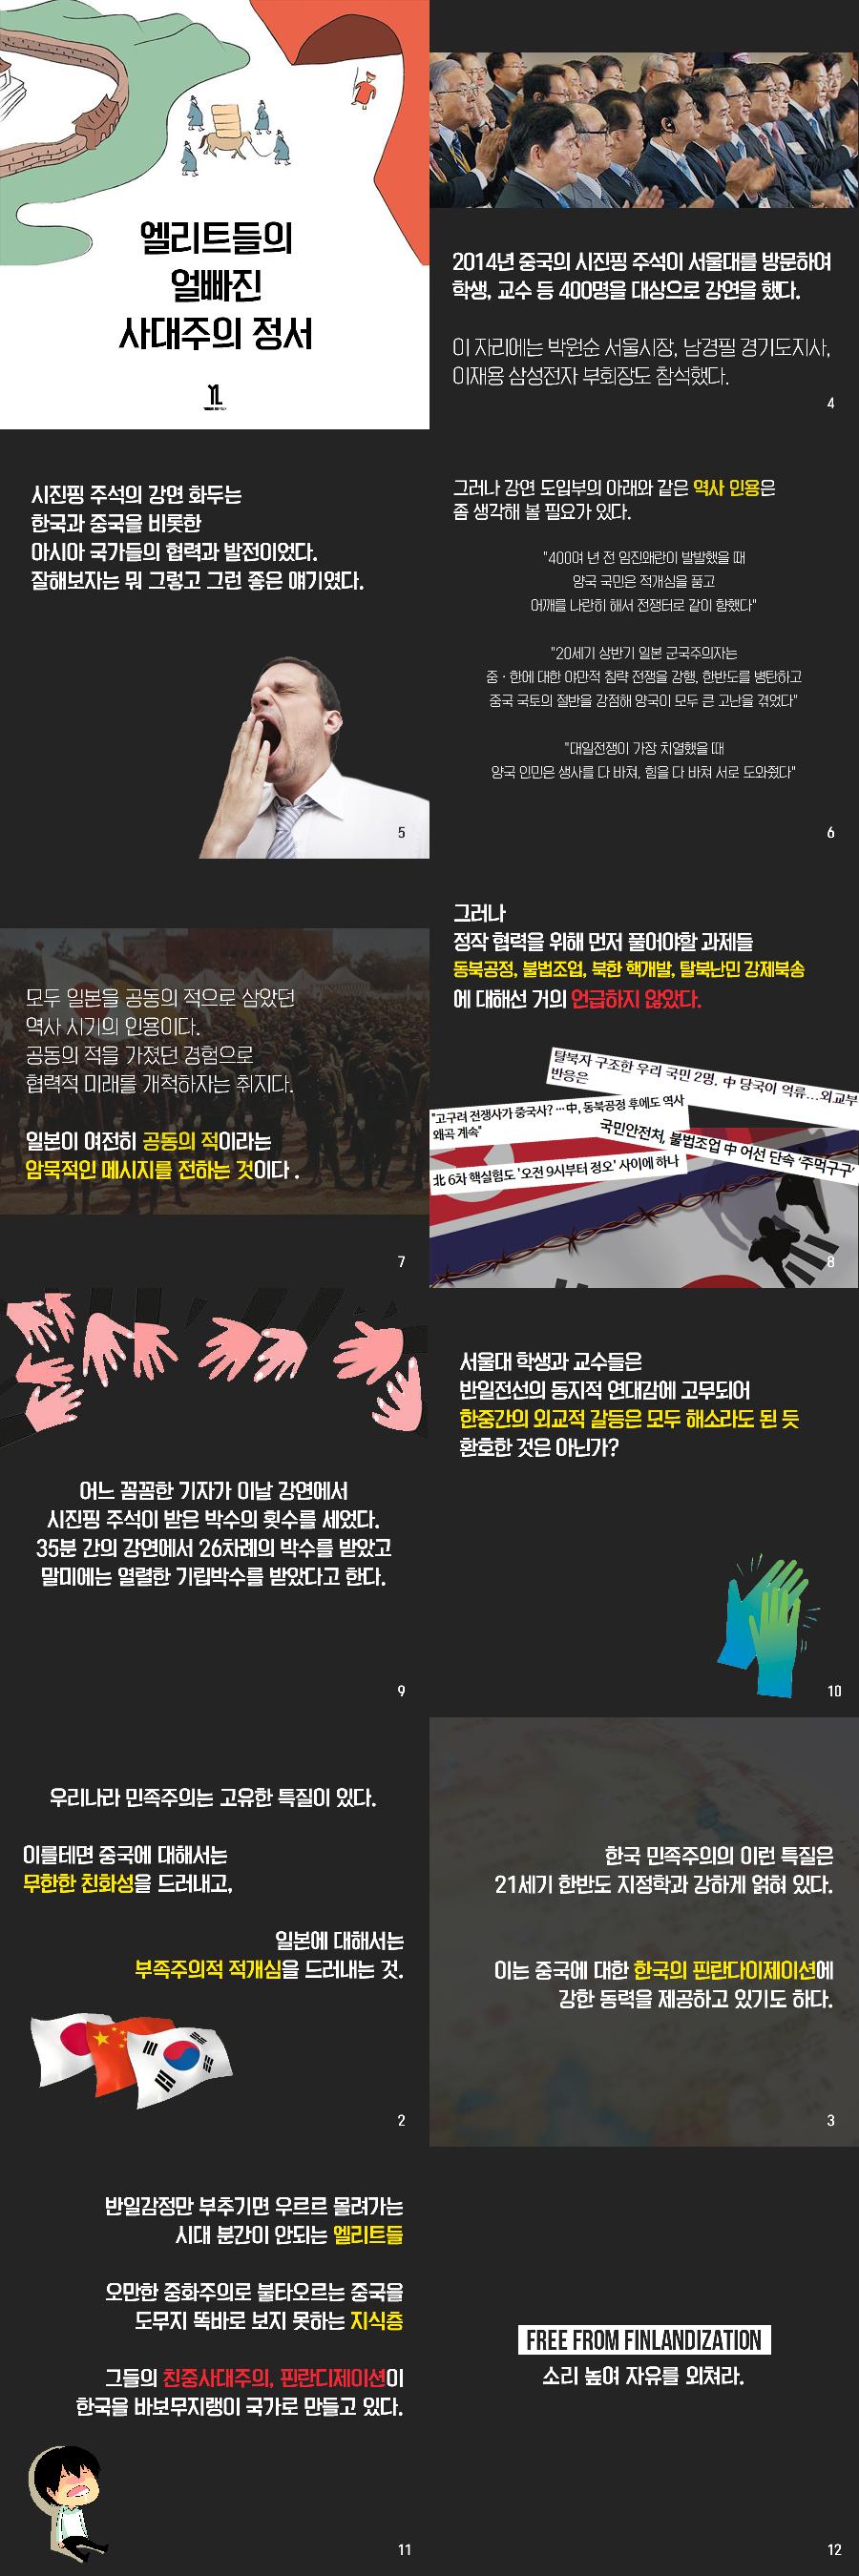 [YL] 35. 엘리트들의 얼빠진 사대주의 정서